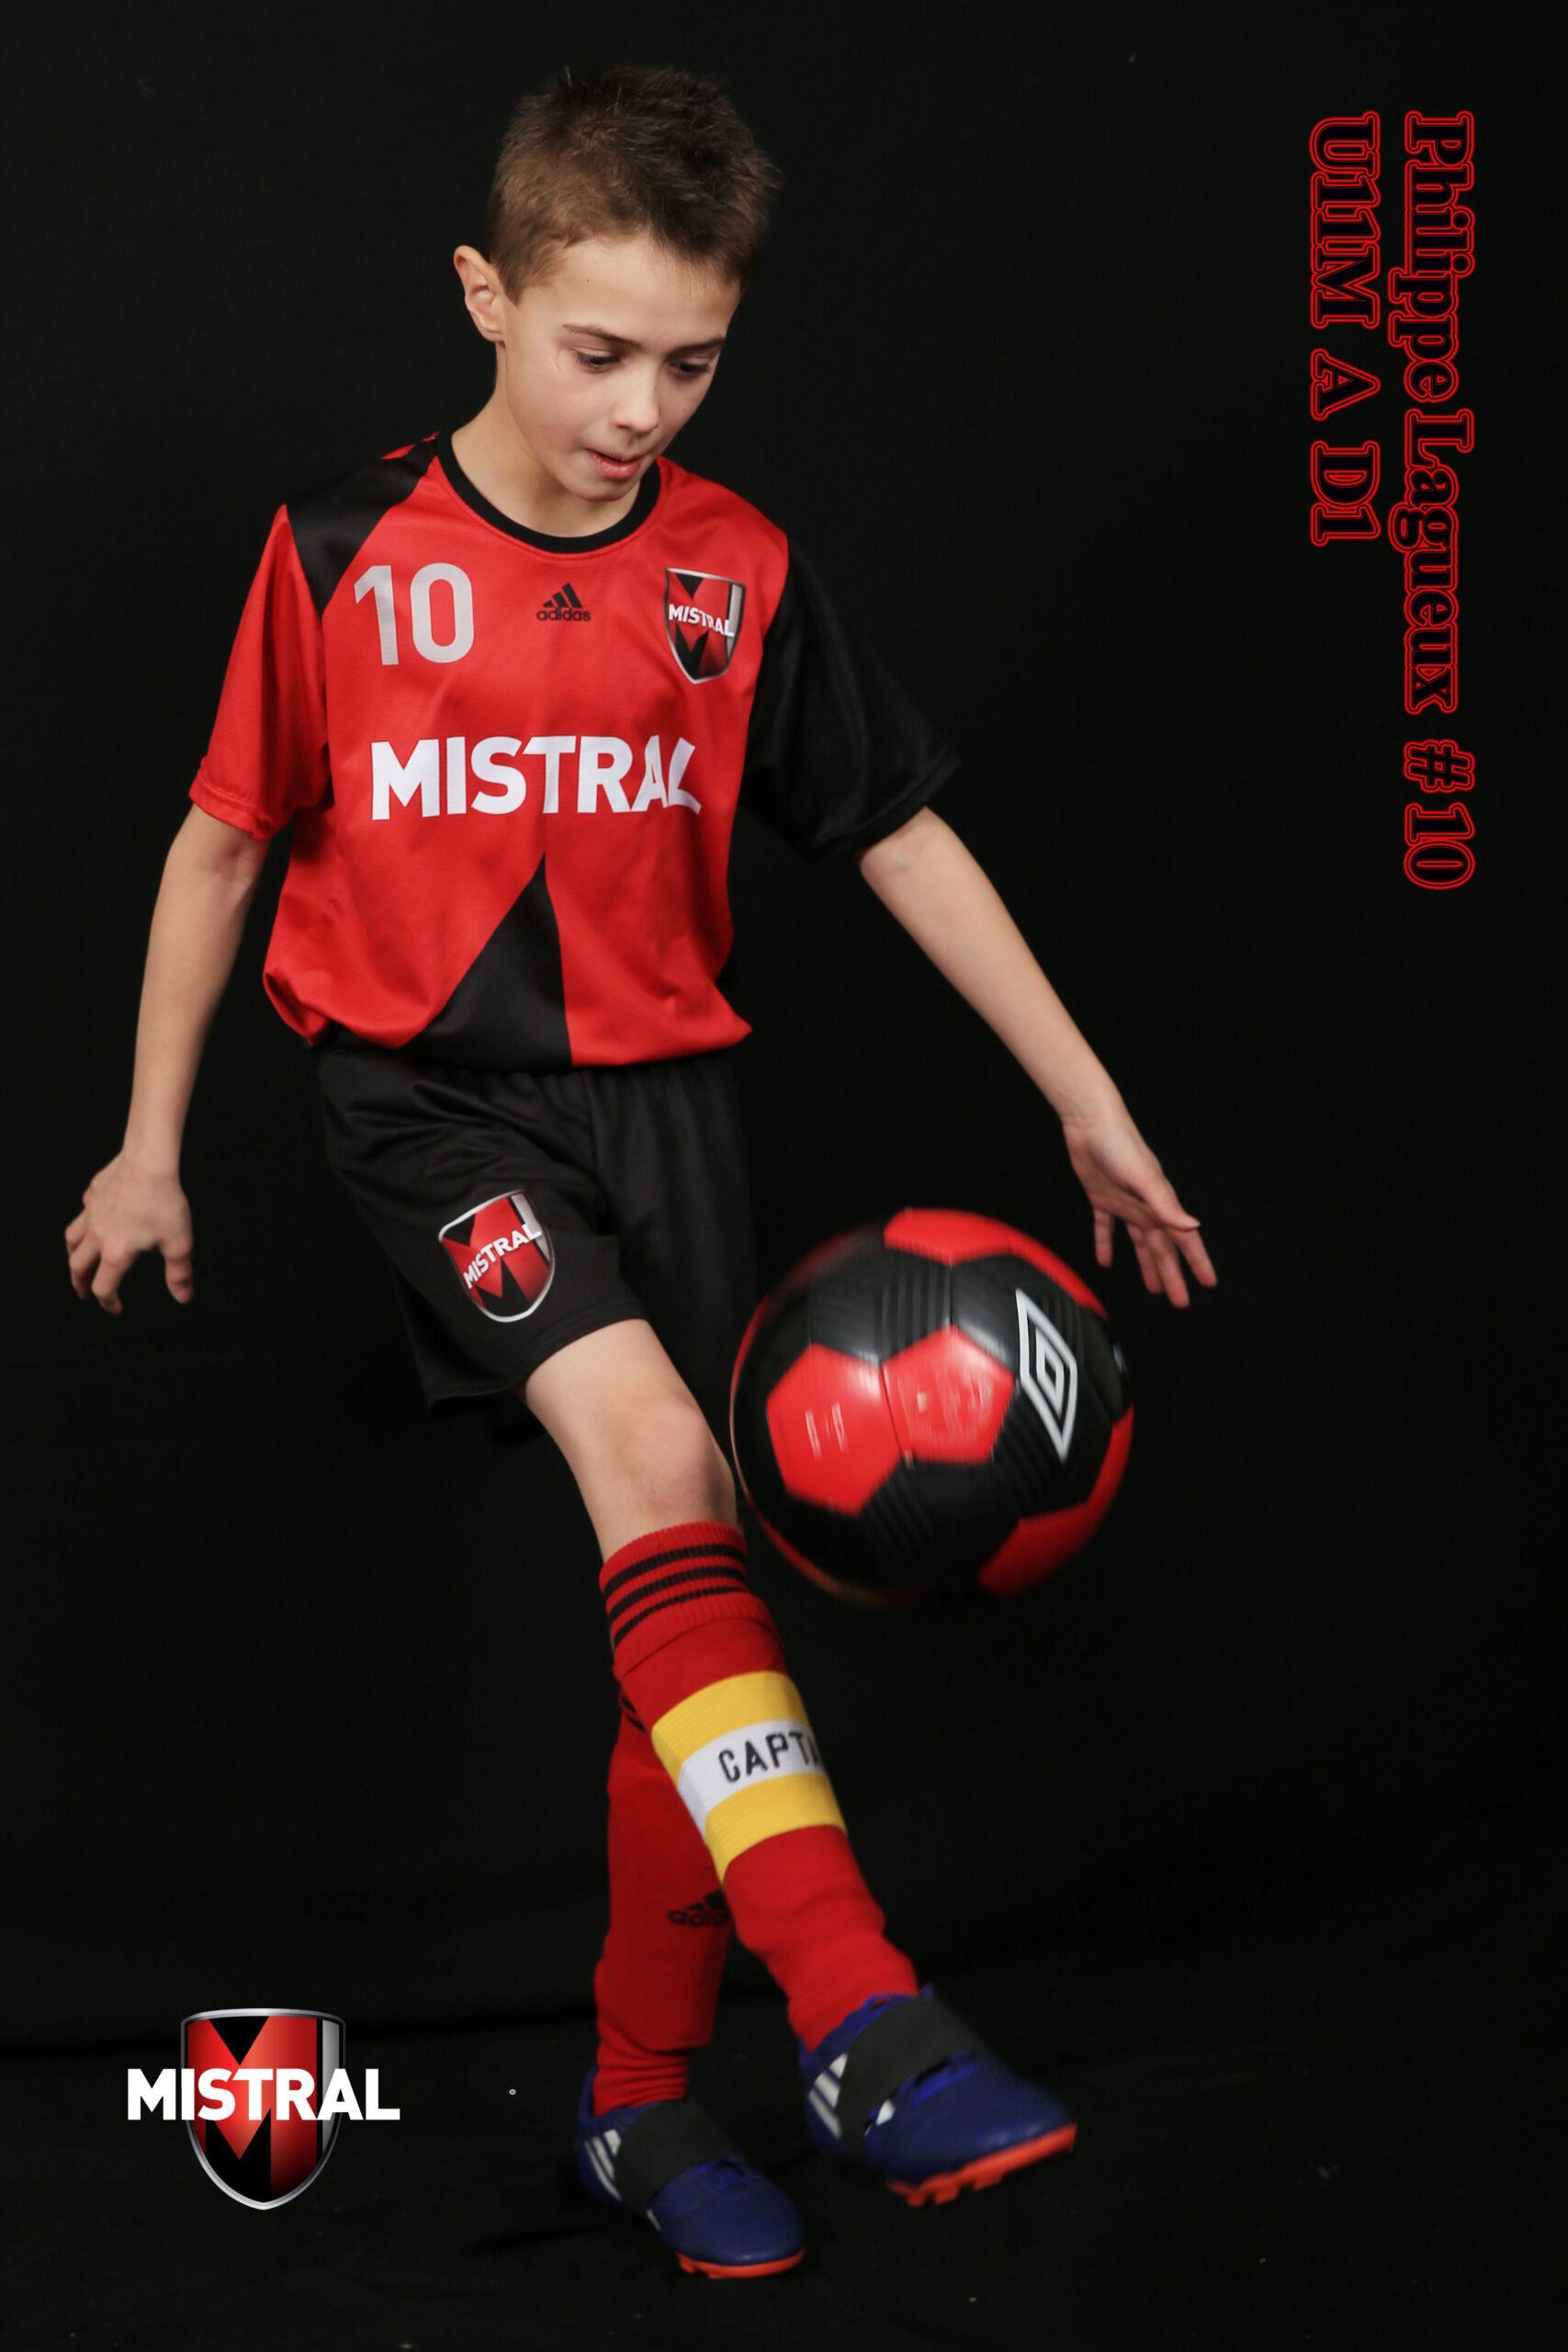 Jeune joueur de soccer avec son ballon